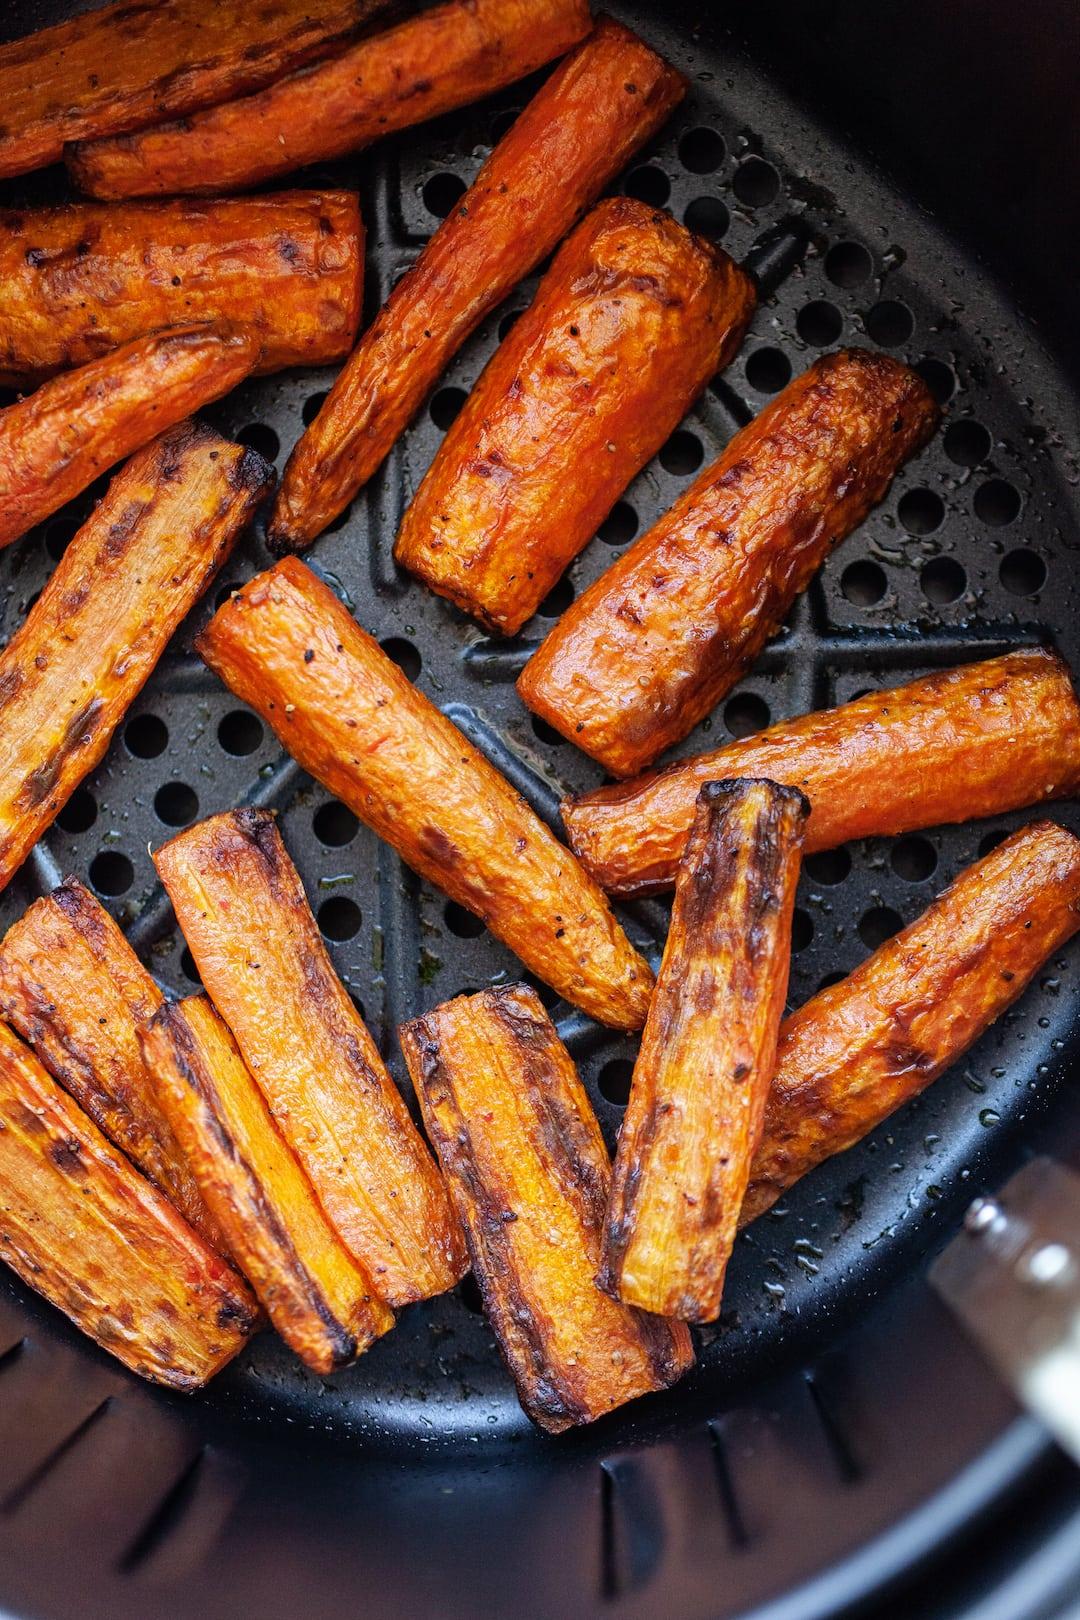 Incredible Air Fryer Carrots in an air fryer basket